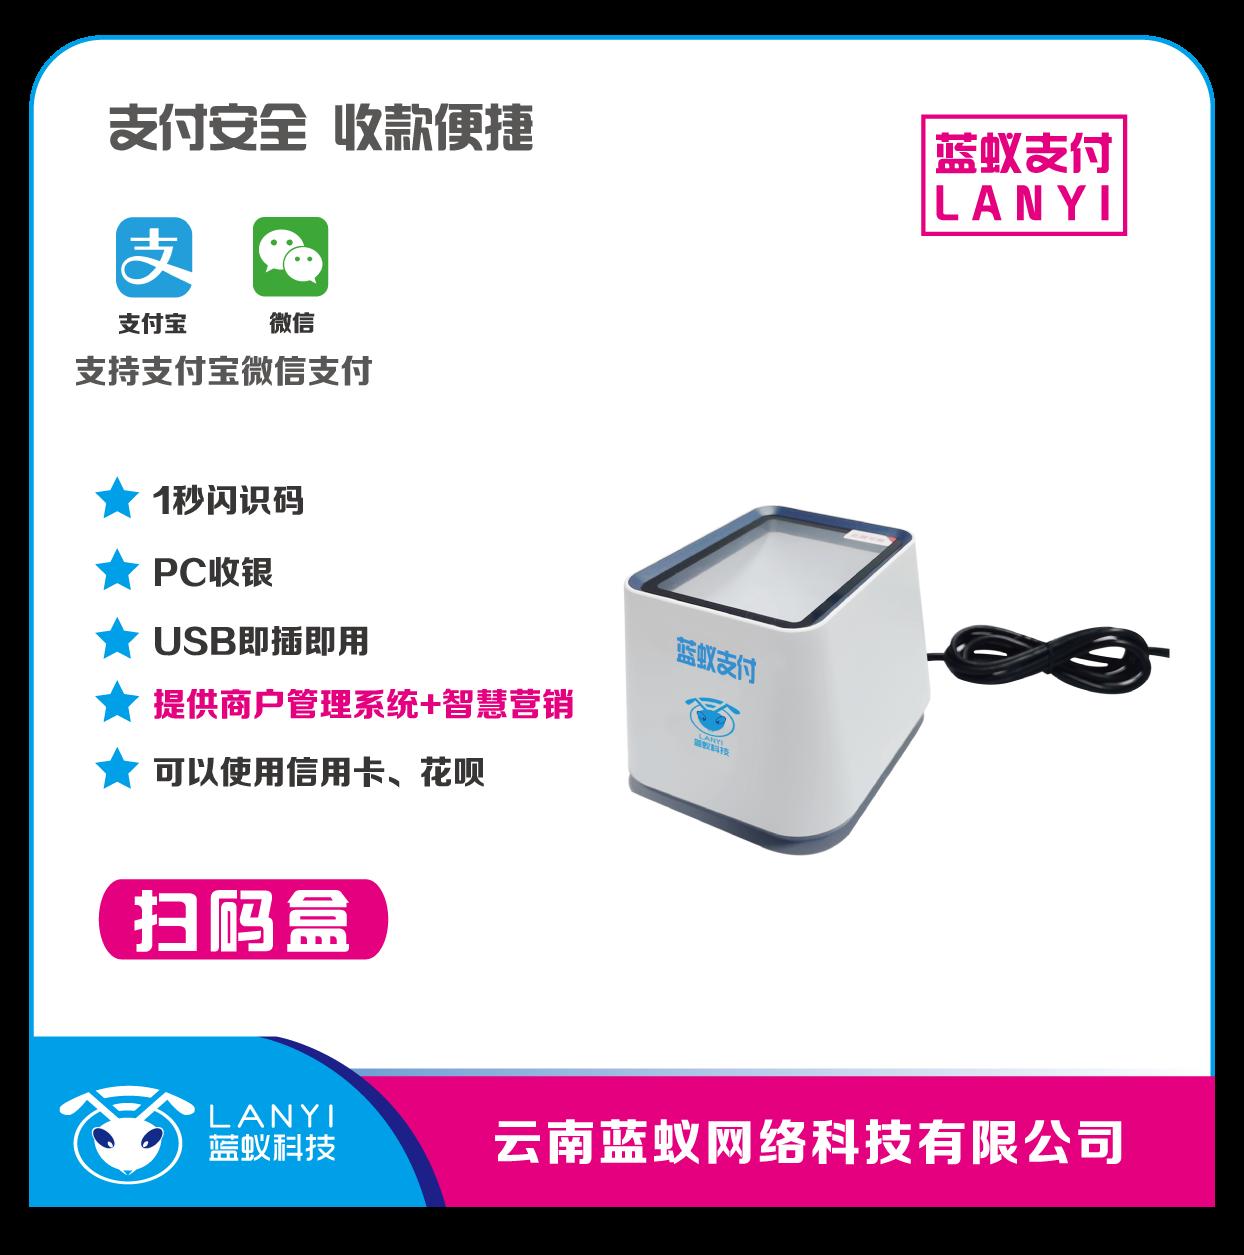 昆明二维码支付公司信息 和谐共赢 云南蓝蚁网络科技供应